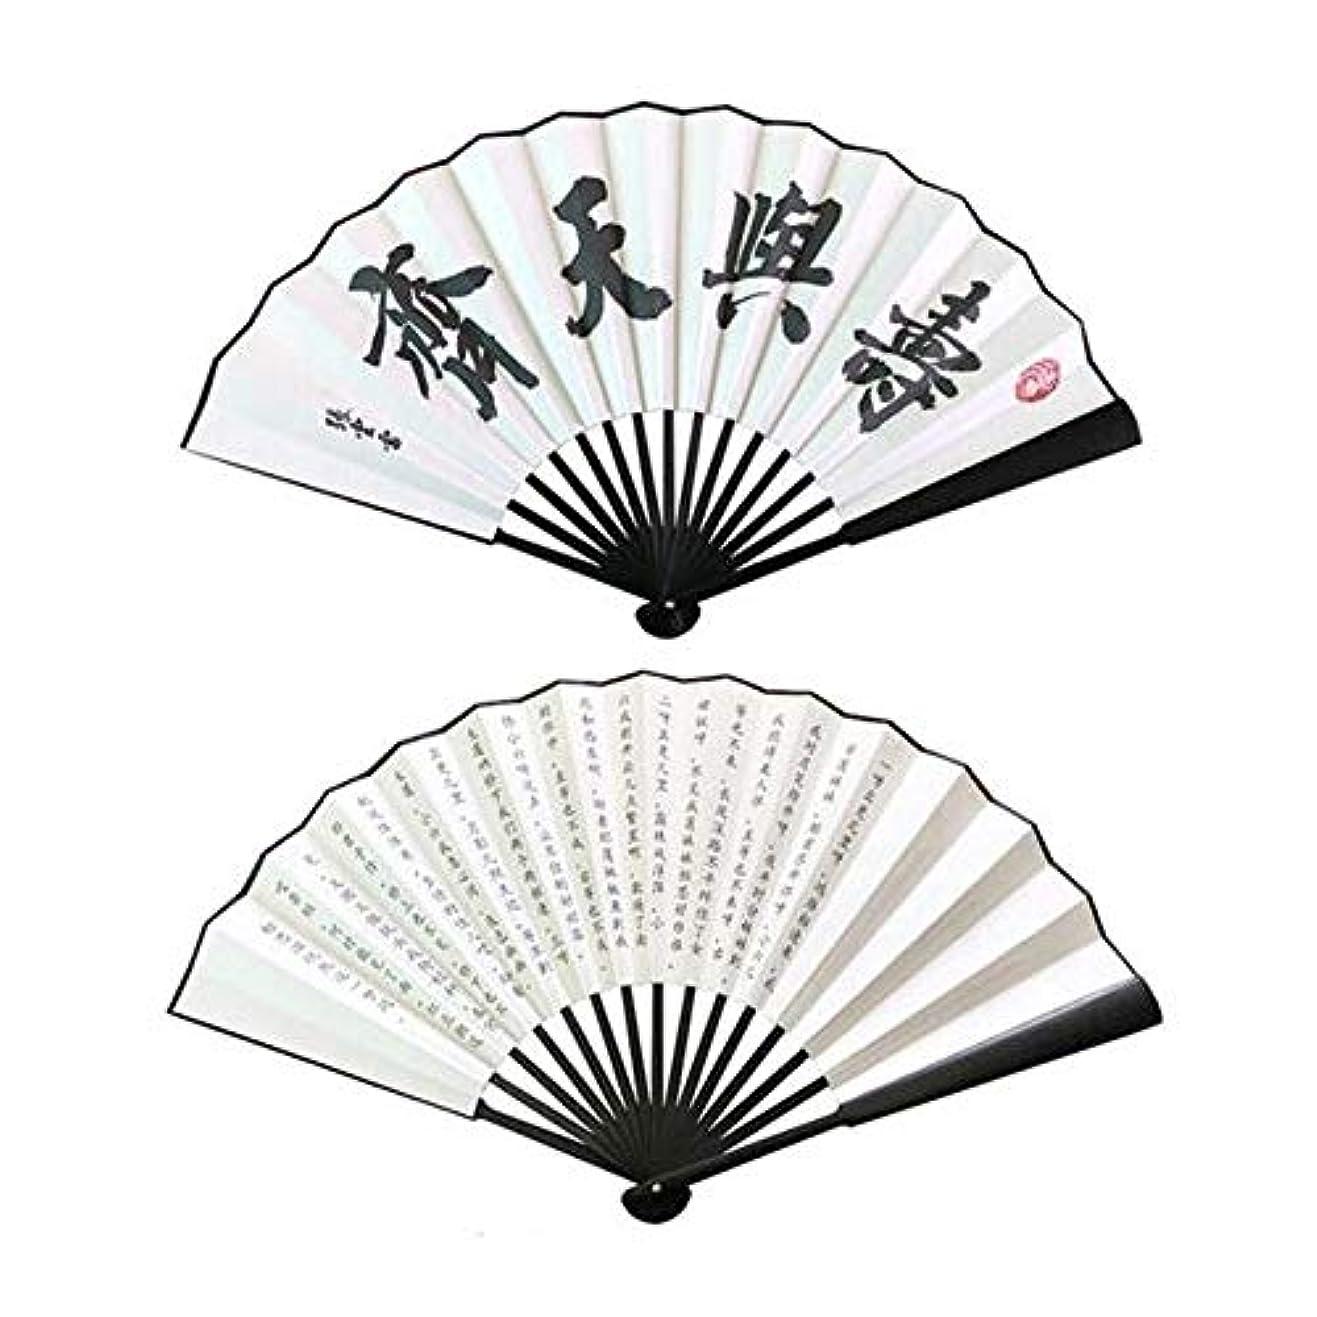 ヒューバートハドソントレーニング年齢QIANZICAI ファン、アンティークのライスペーパー扇子、ホームアクセサリー、ダンスの小道具を折りたたみ、サイズ約33cm ファン (Color : White)